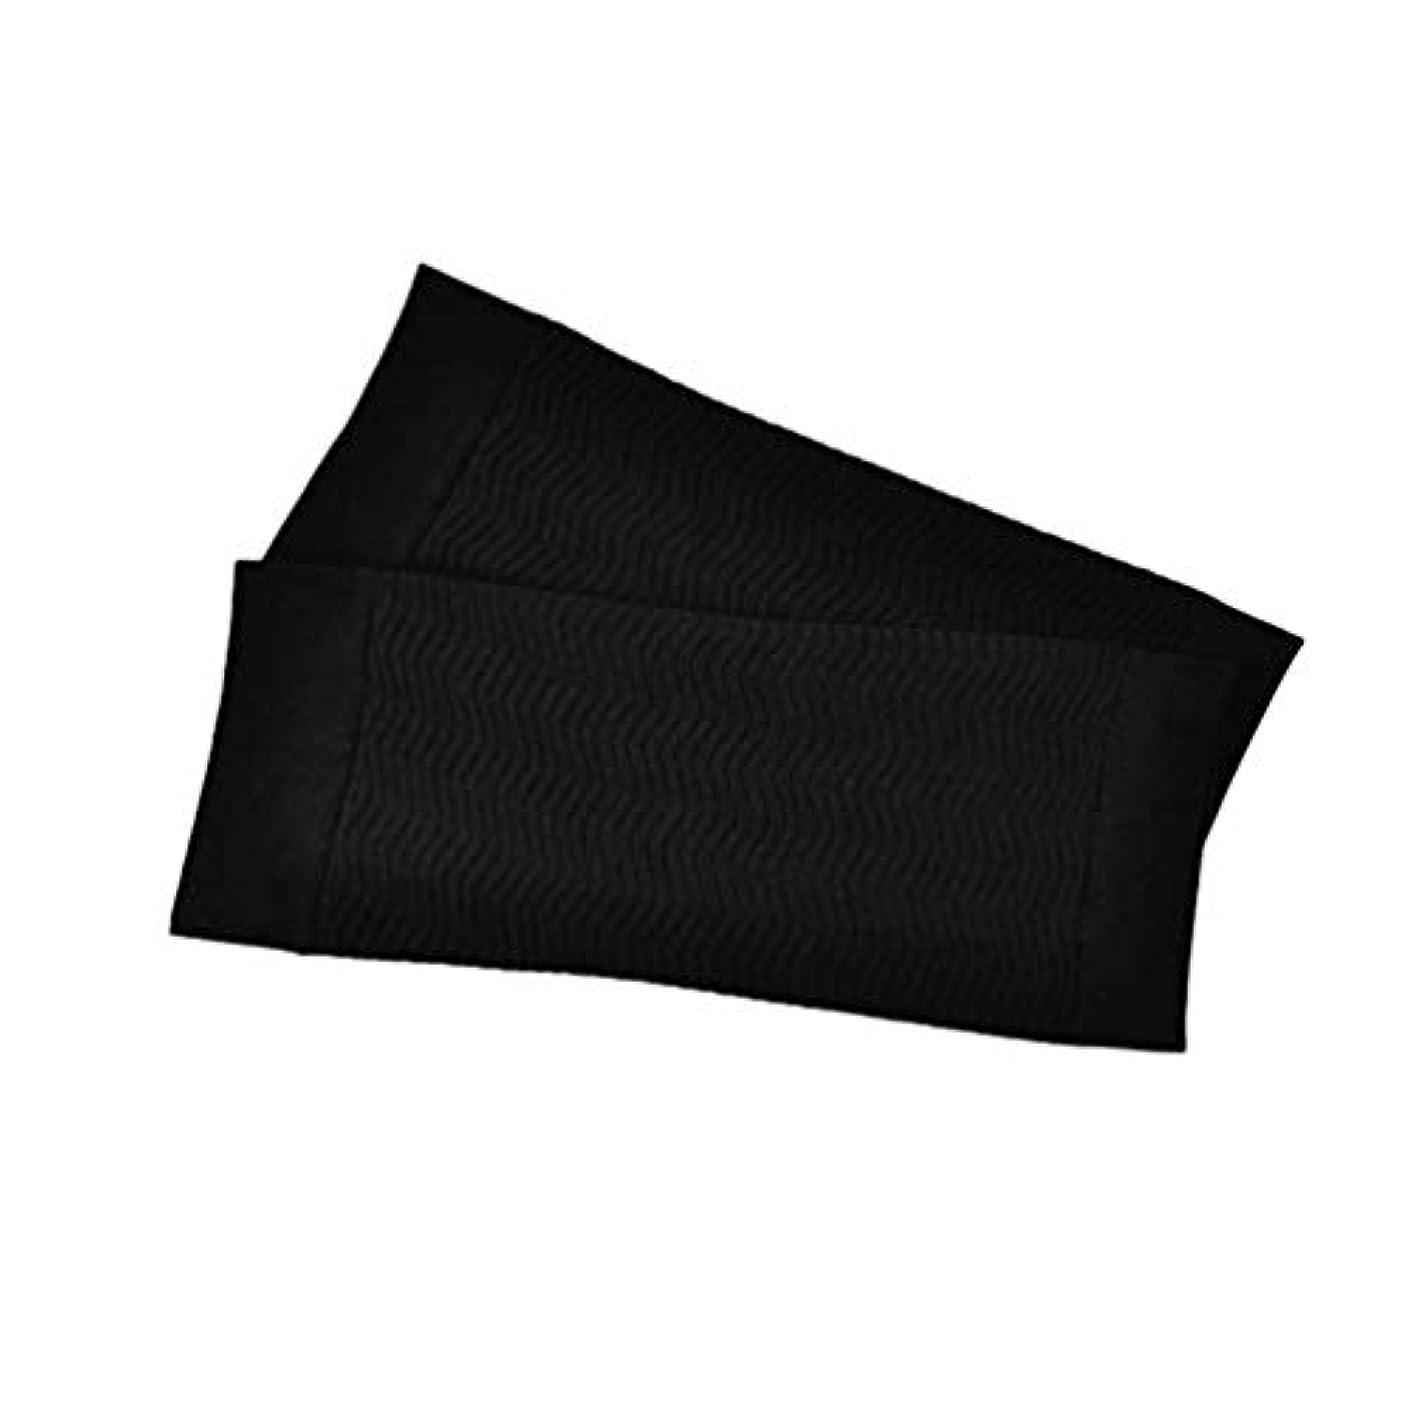 考古学的な余剰親1ペア680 D圧縮アームシェイパーワークアウトトーニングバーンセルライトスリミングアームスリーブ脂肪燃焼半袖用女性 - ブラック